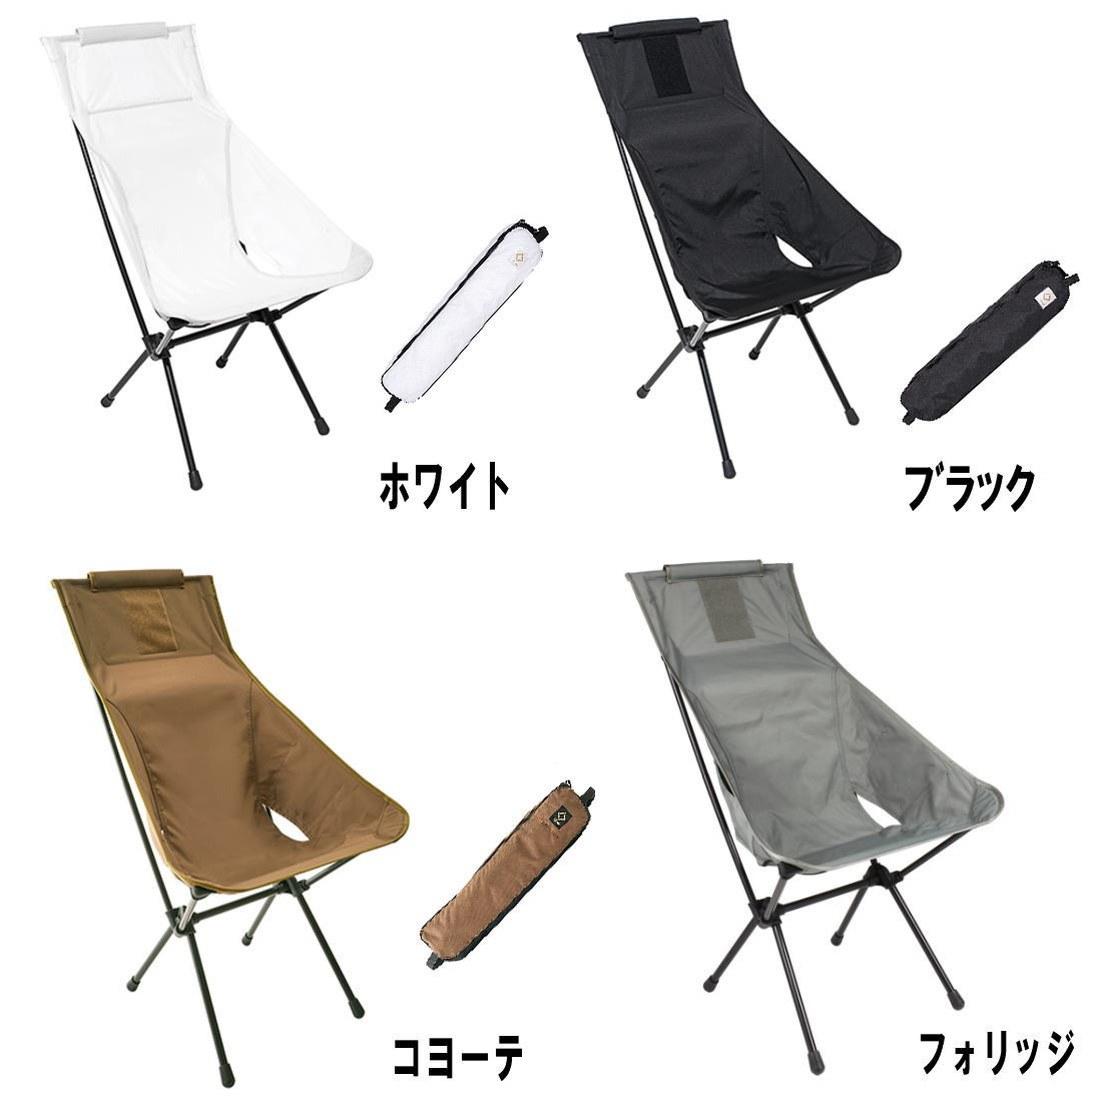 ヘリノックス タクティカルサンセットチェア 折りたたみ椅子チェアー  国内正規品